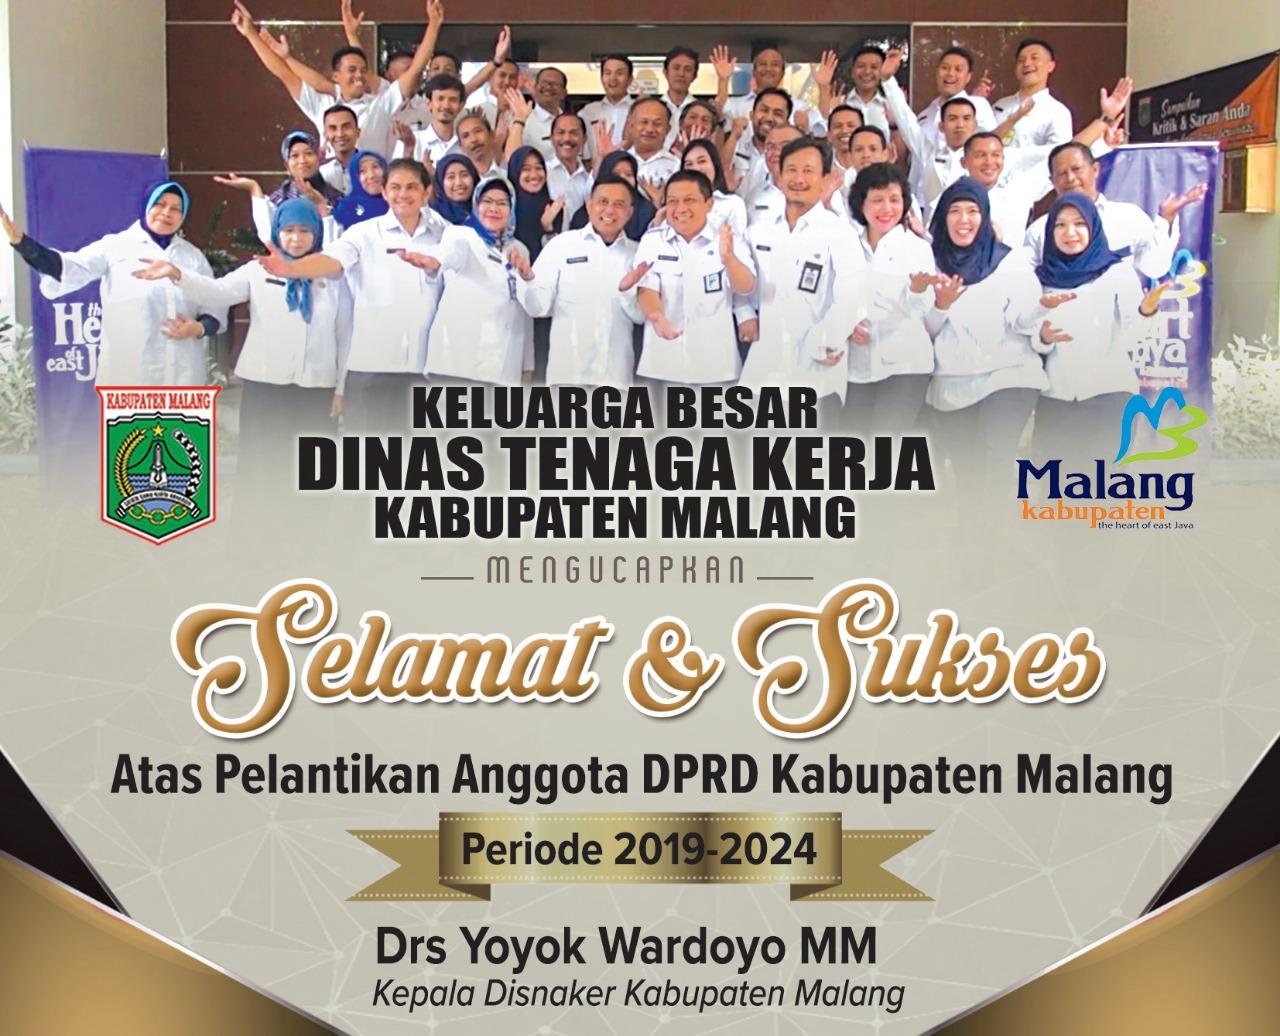 Disnaker Kabupaten Malang Mengucapkan Selamat Dan Sukses Atas Dilantiknya Anggota DPRD Periode 2019 – 2024